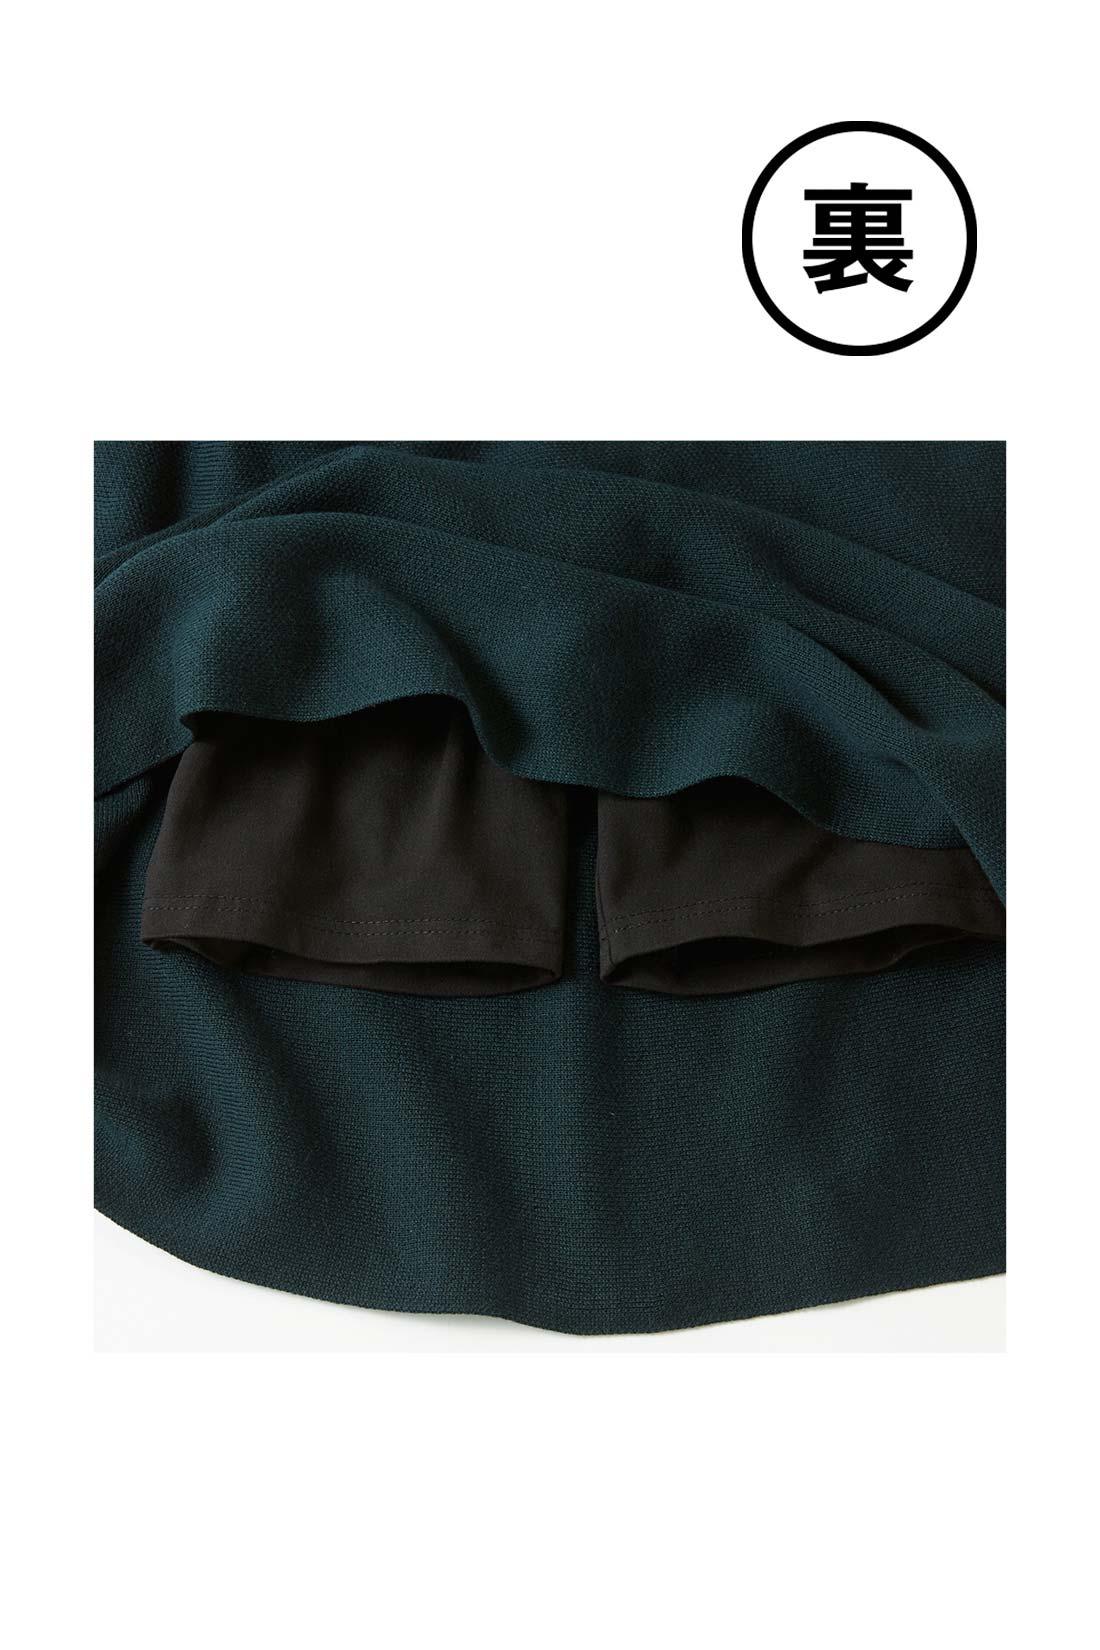 あったか裏起毛のインナーパンツ付き 絶妙に大人っぽく女らしいAラインスカートの内側には、裏起毛をかけた暖かなインナーパンツがドッキング。ウエストゴムでするっとはけるので、防寒も時短も両立できます。 ※お届けするカラーとは異なります。